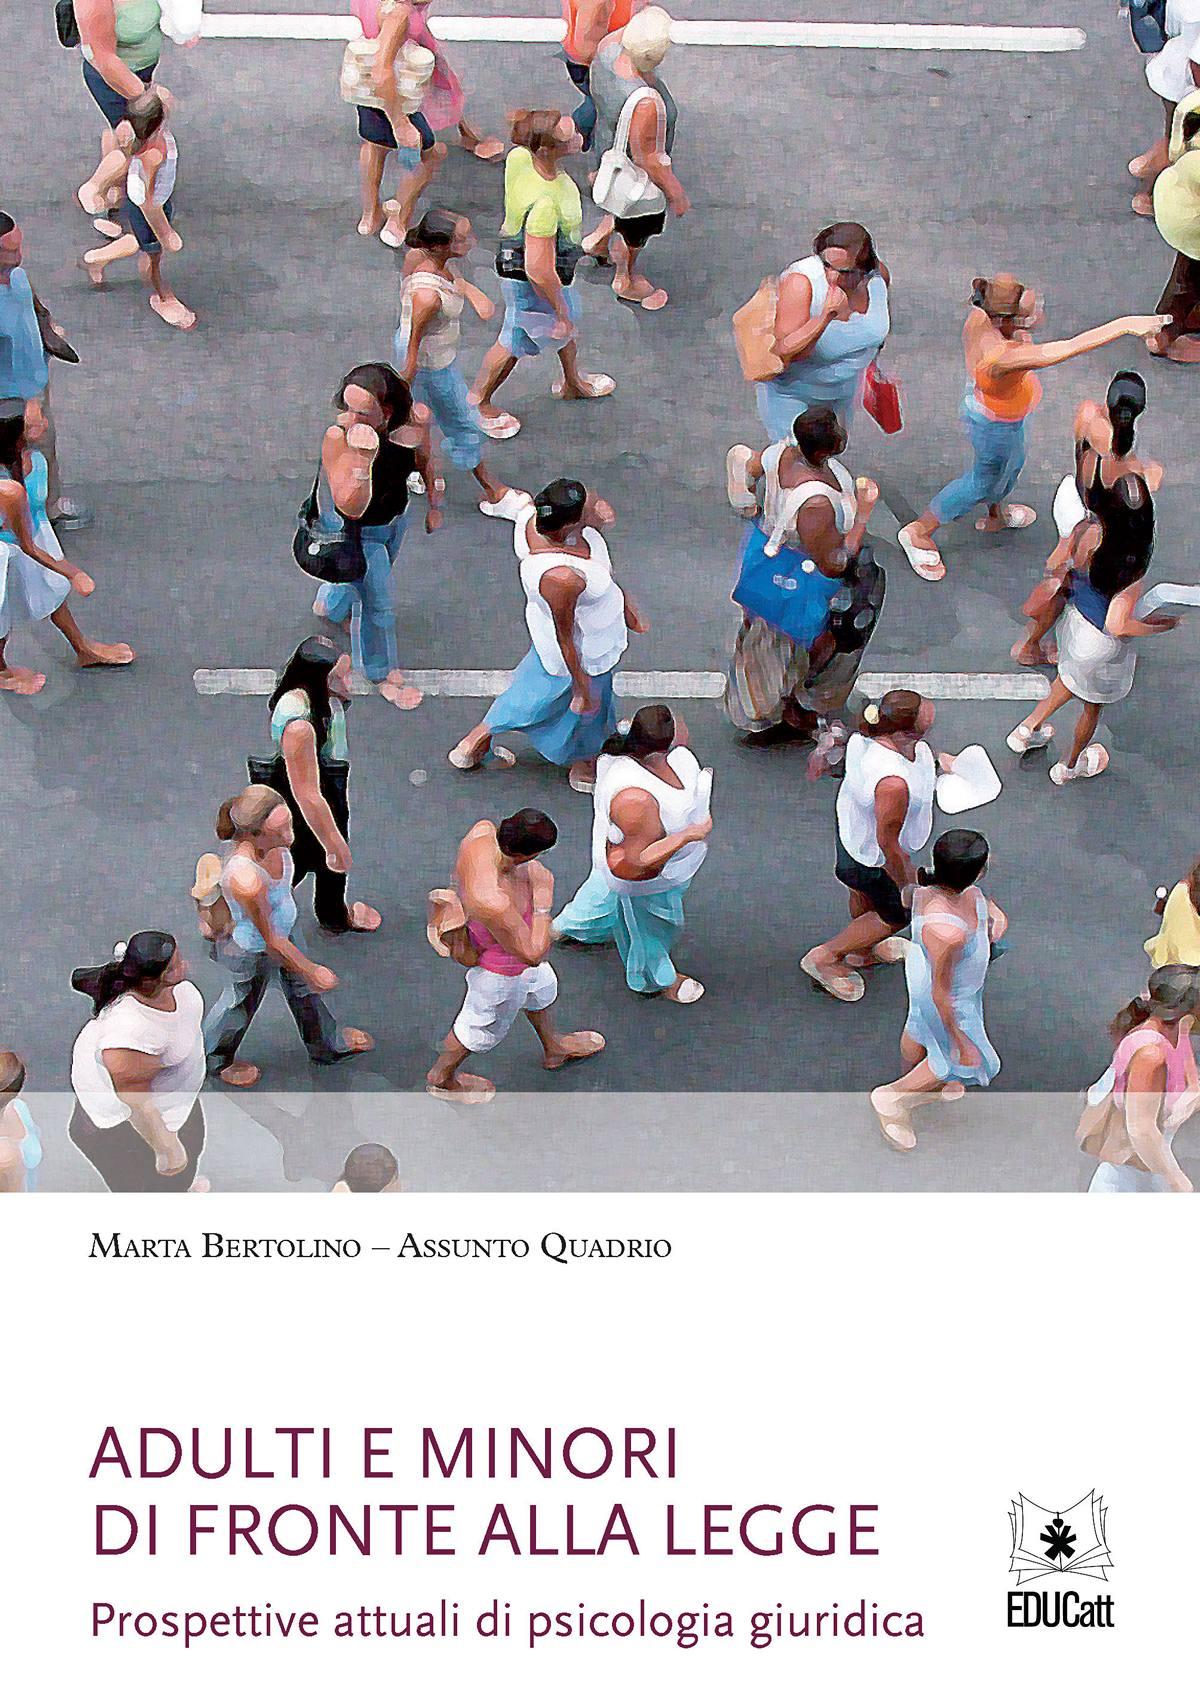 ADULTI E MINORI DI FRONTE ALLA LEGGE